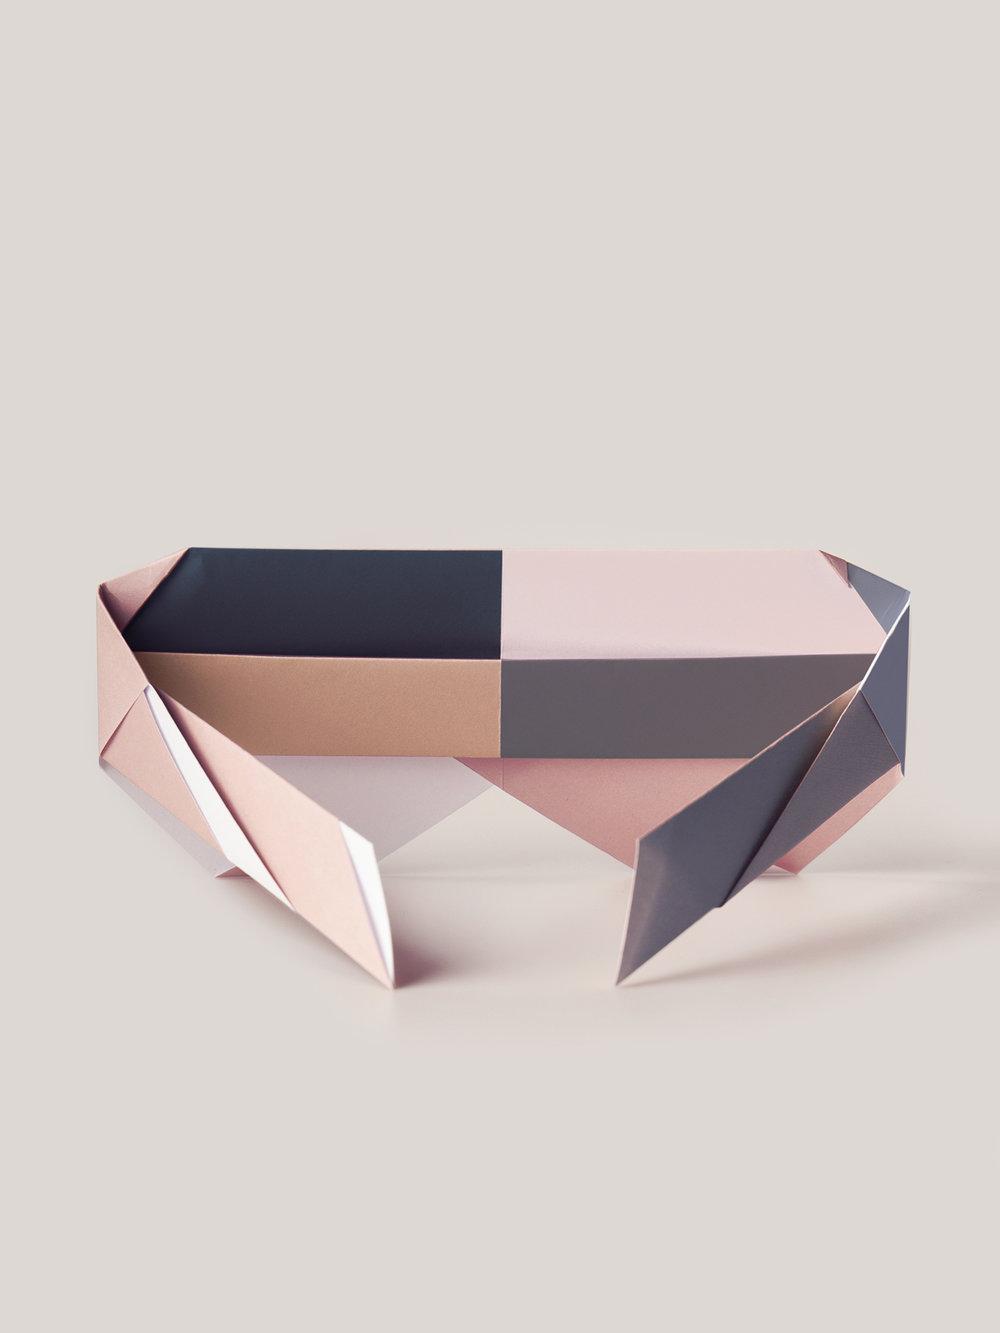 Origami Figur Sunglasses Diva, mehrfarbig  Origami figure Sunglasses Diva, multicolored